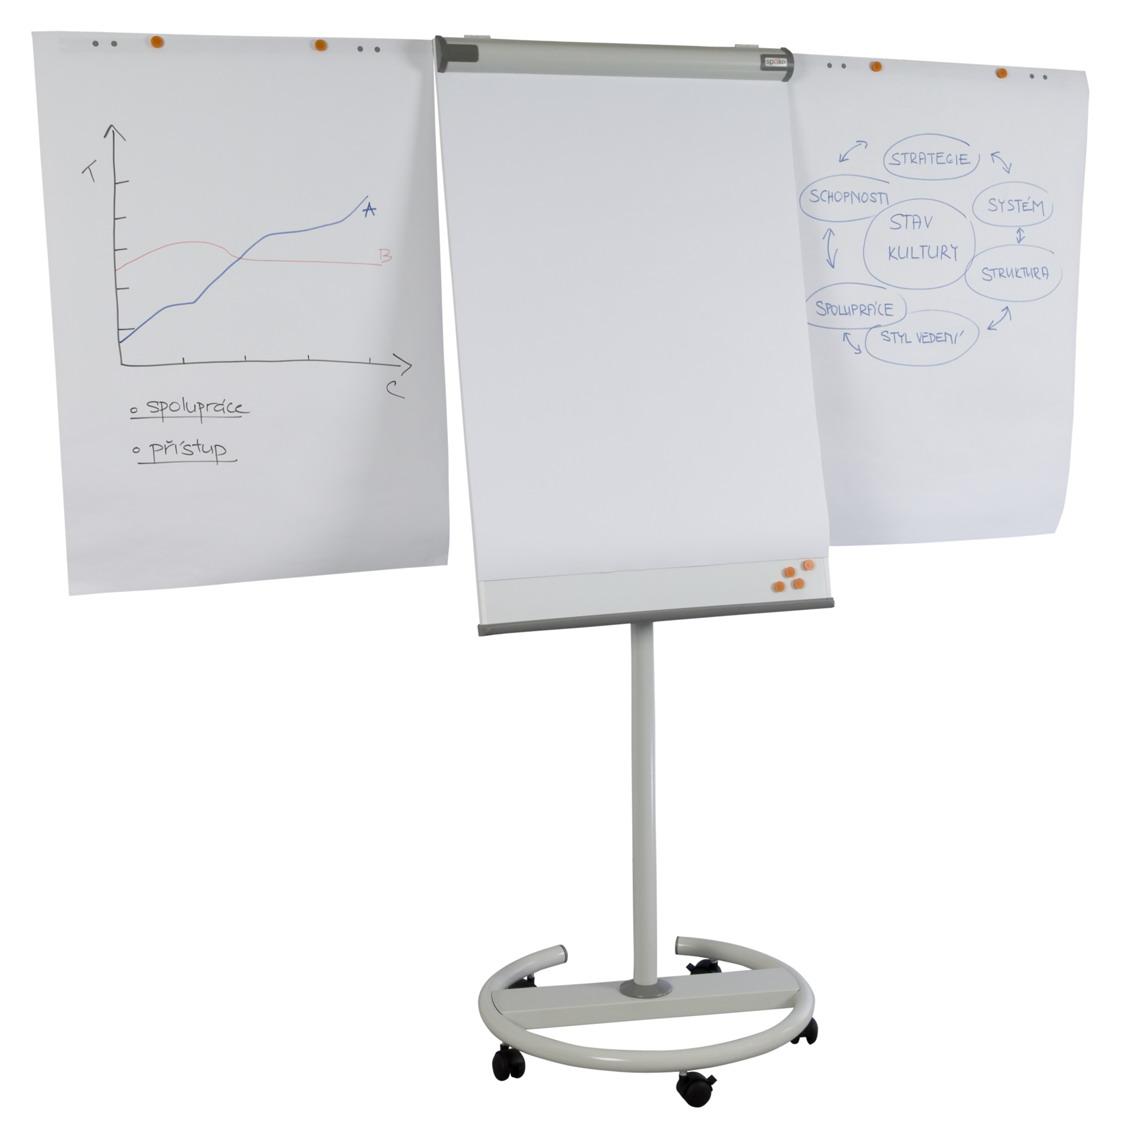 SPOKO flipchart tábla | mágneses | mobil | 2 db segédkar | 68x105 cm | S0717